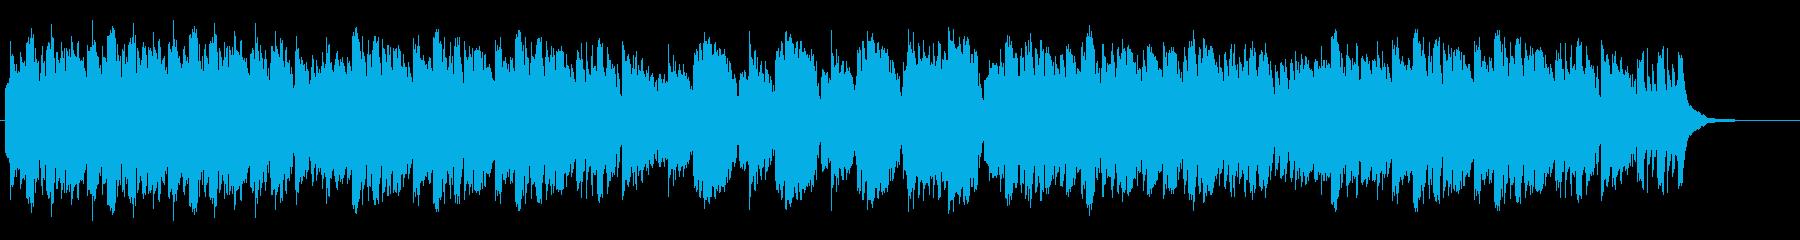 オカリナ・アコースティックギター、静aの再生済みの波形